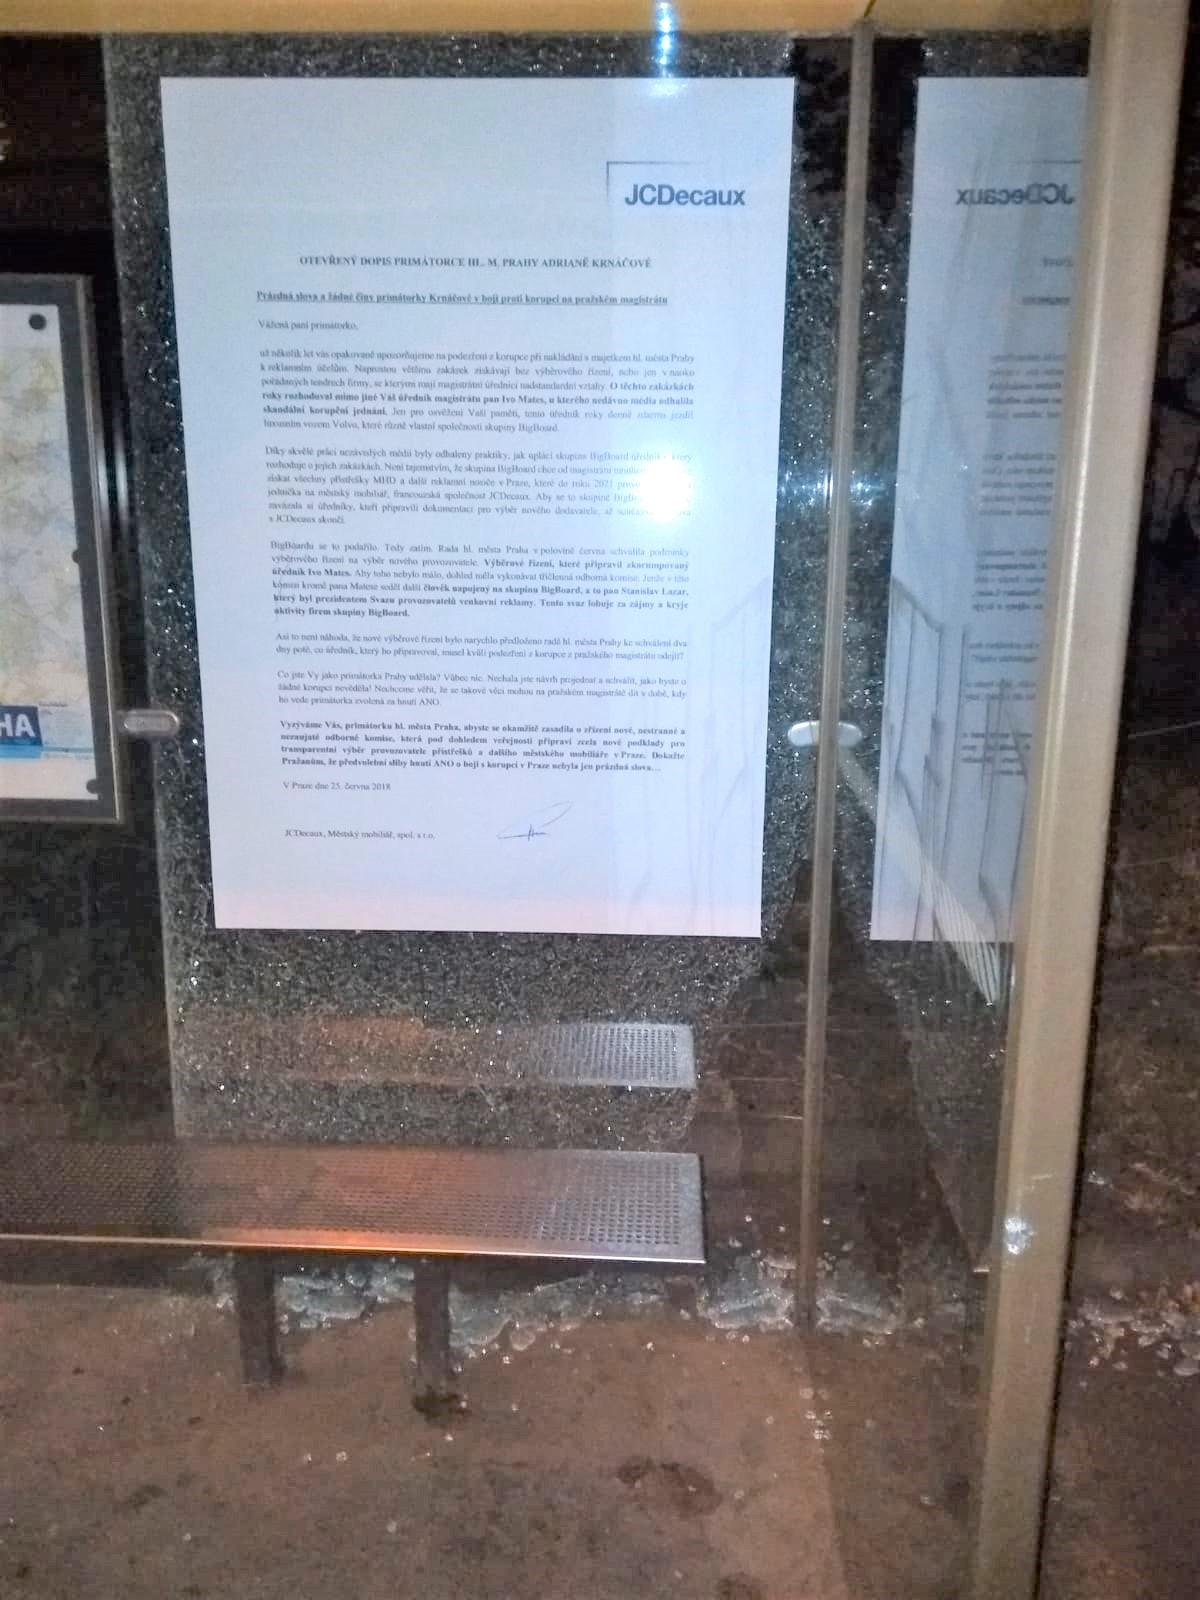 Poničené vitríny s otevřeným dopisem primátorce. Foto: JCDecaux